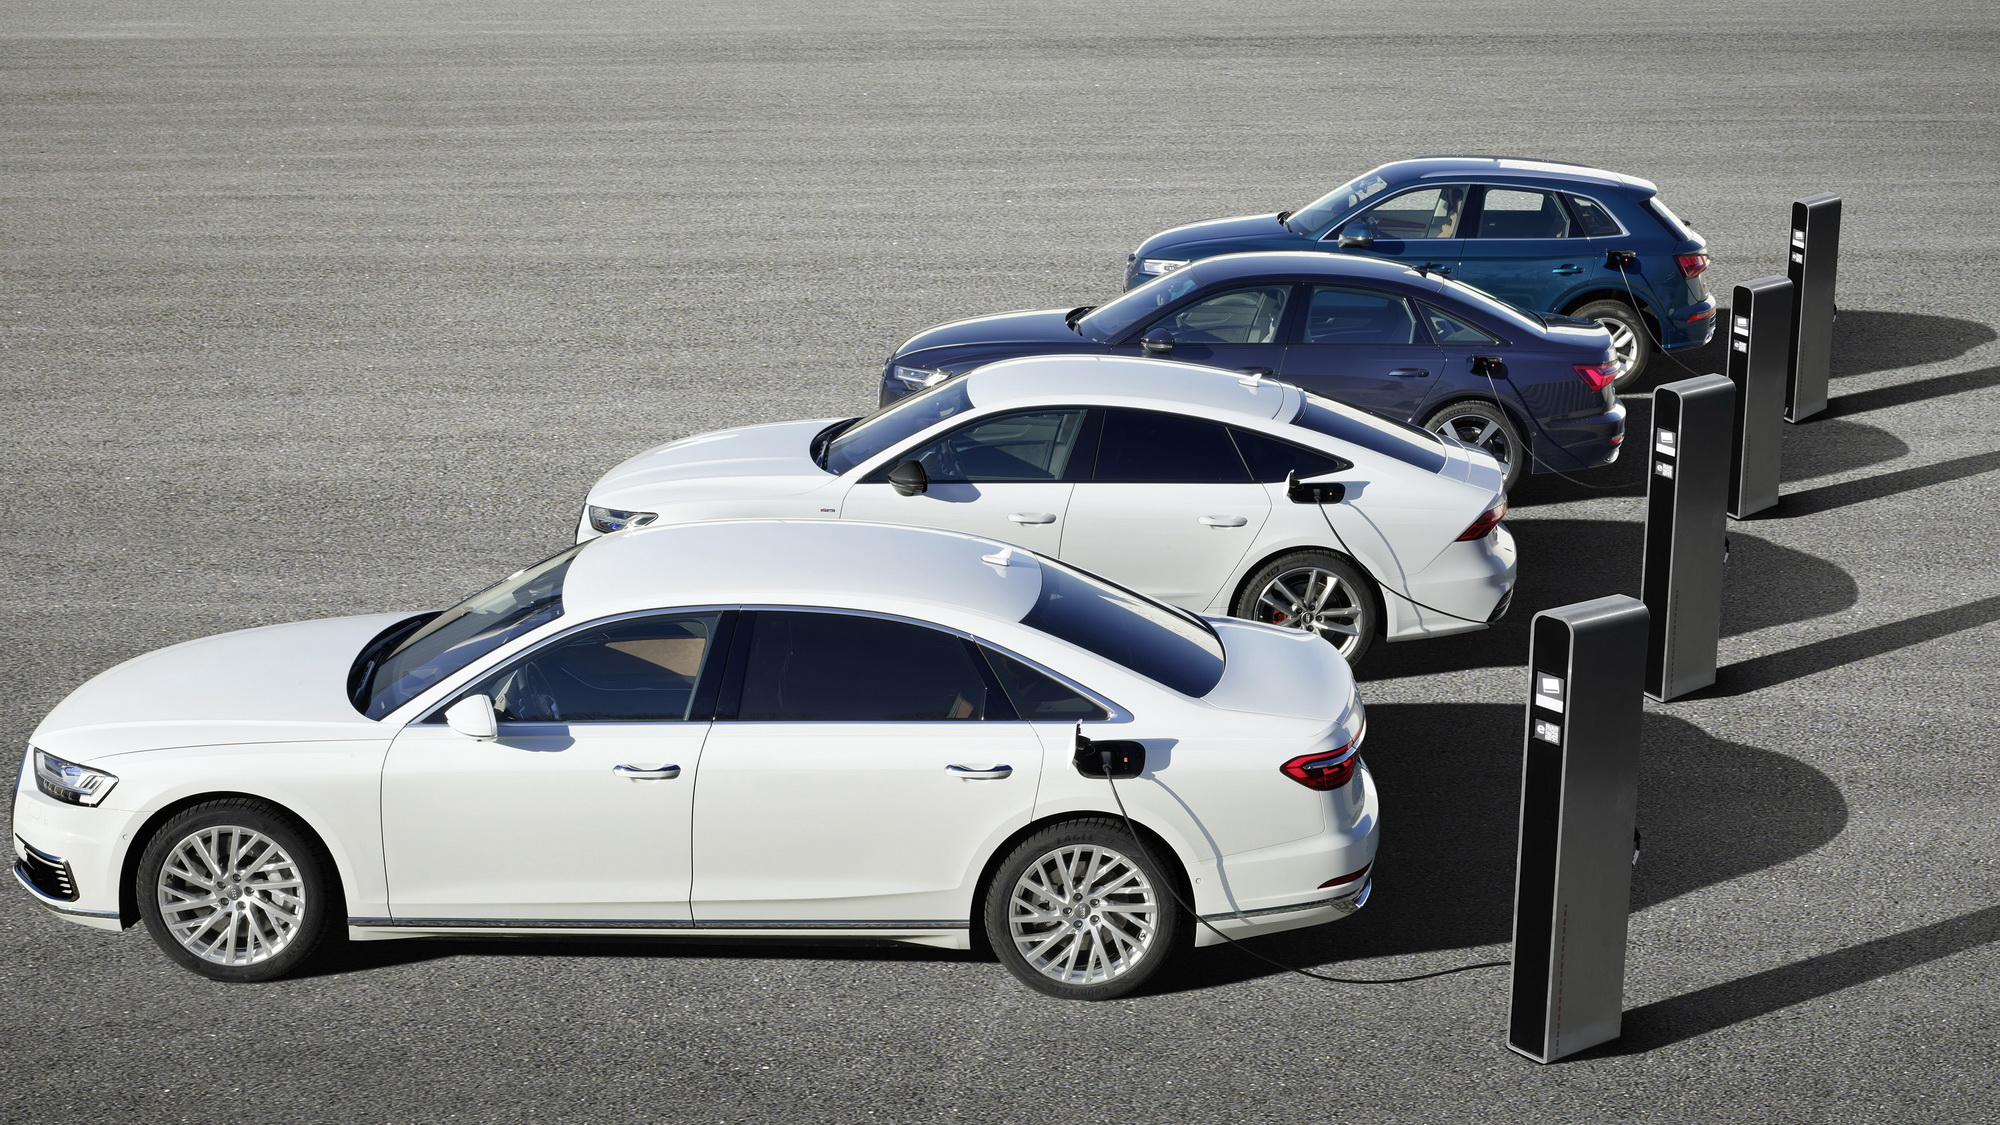 Audi Tfsi öljynkulutus